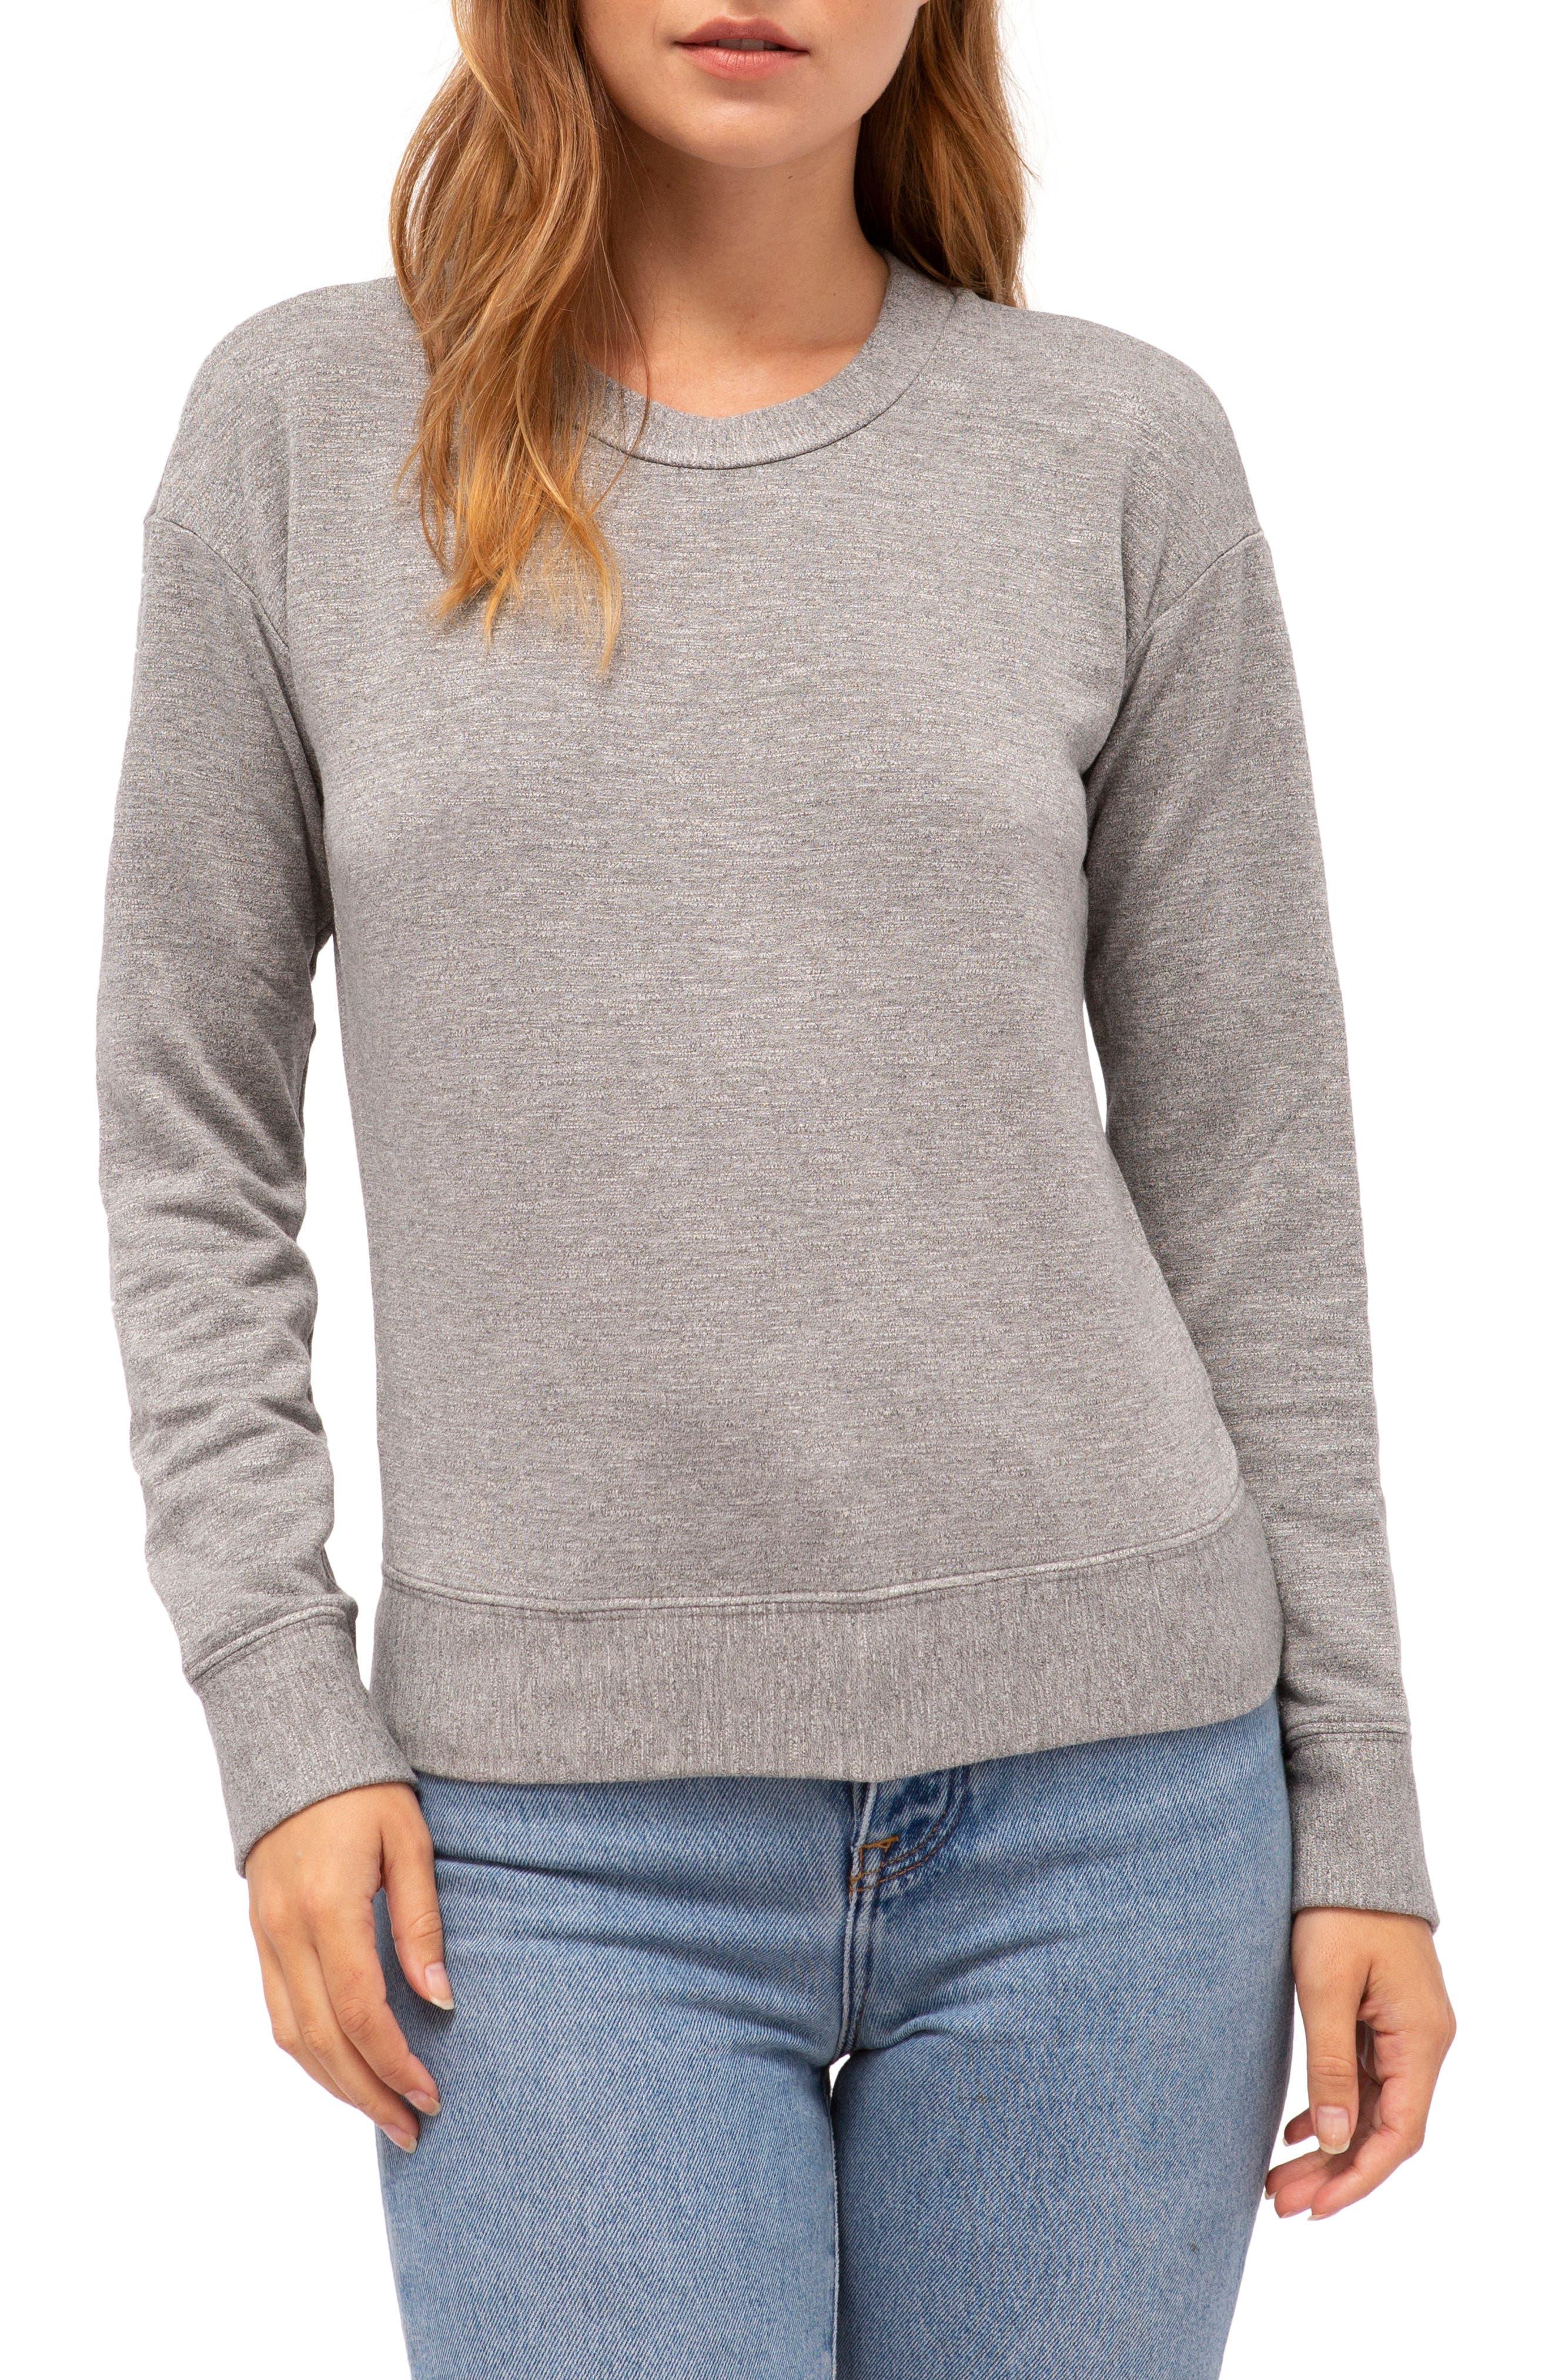 Fleece Pullover,                             Main thumbnail 1, color,                             HEATHER GREY